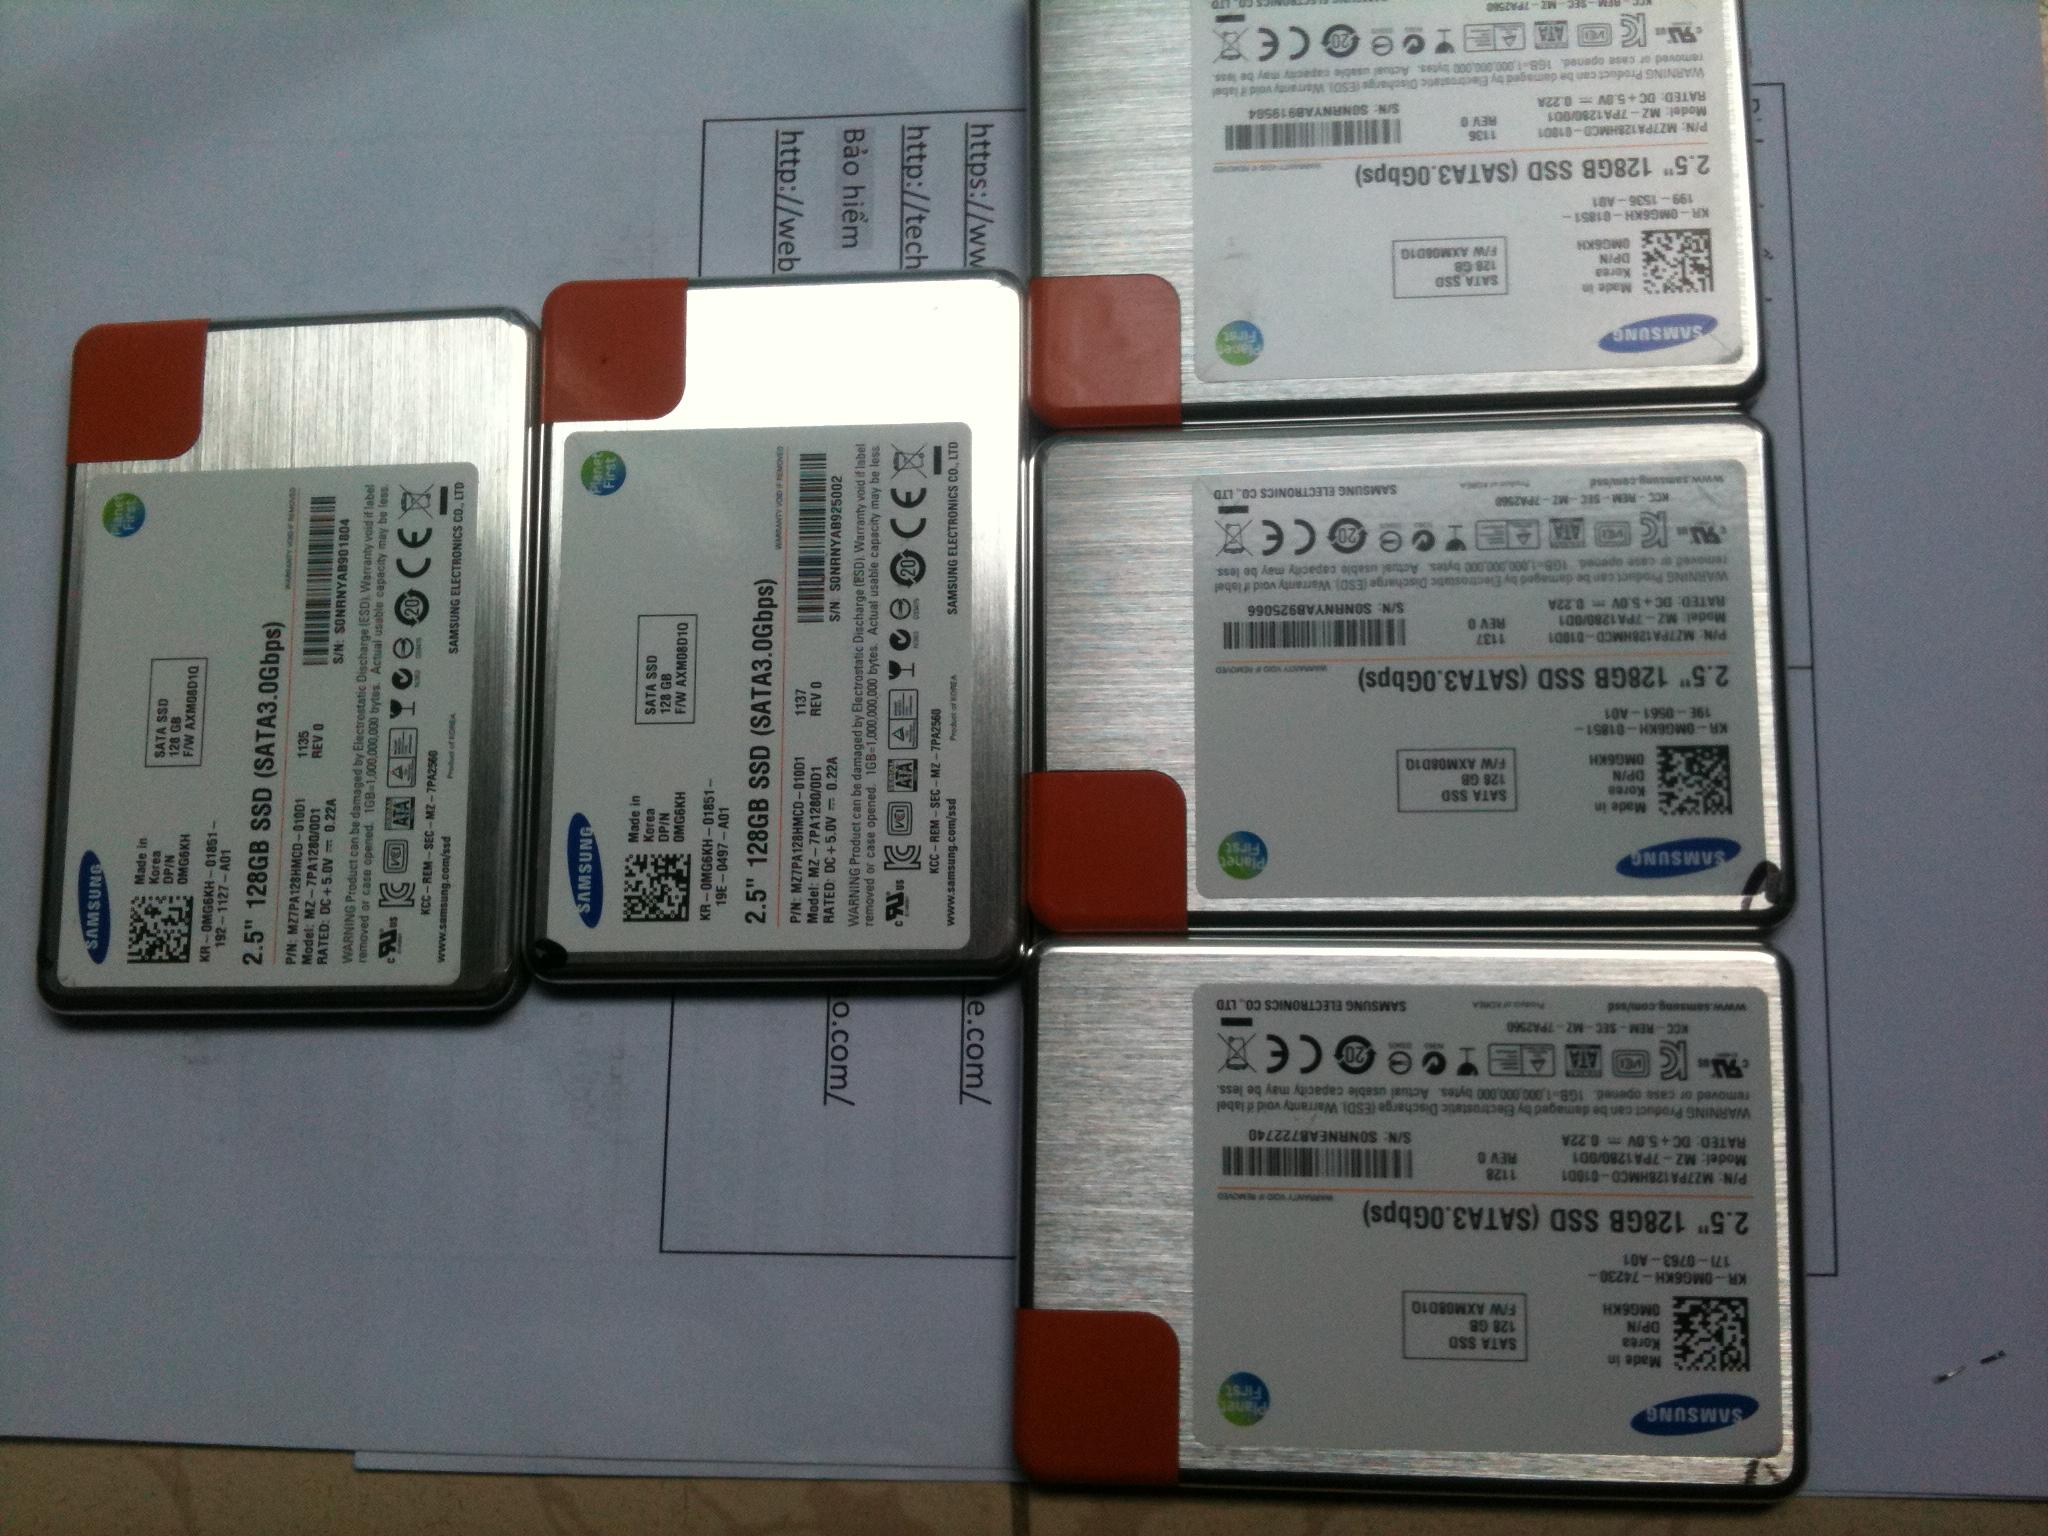 [GoVap] Chuyên trao đổi ổ SSD 128G-256G cũ lấy Ram Laptop cũ, HDD Laptop cũ